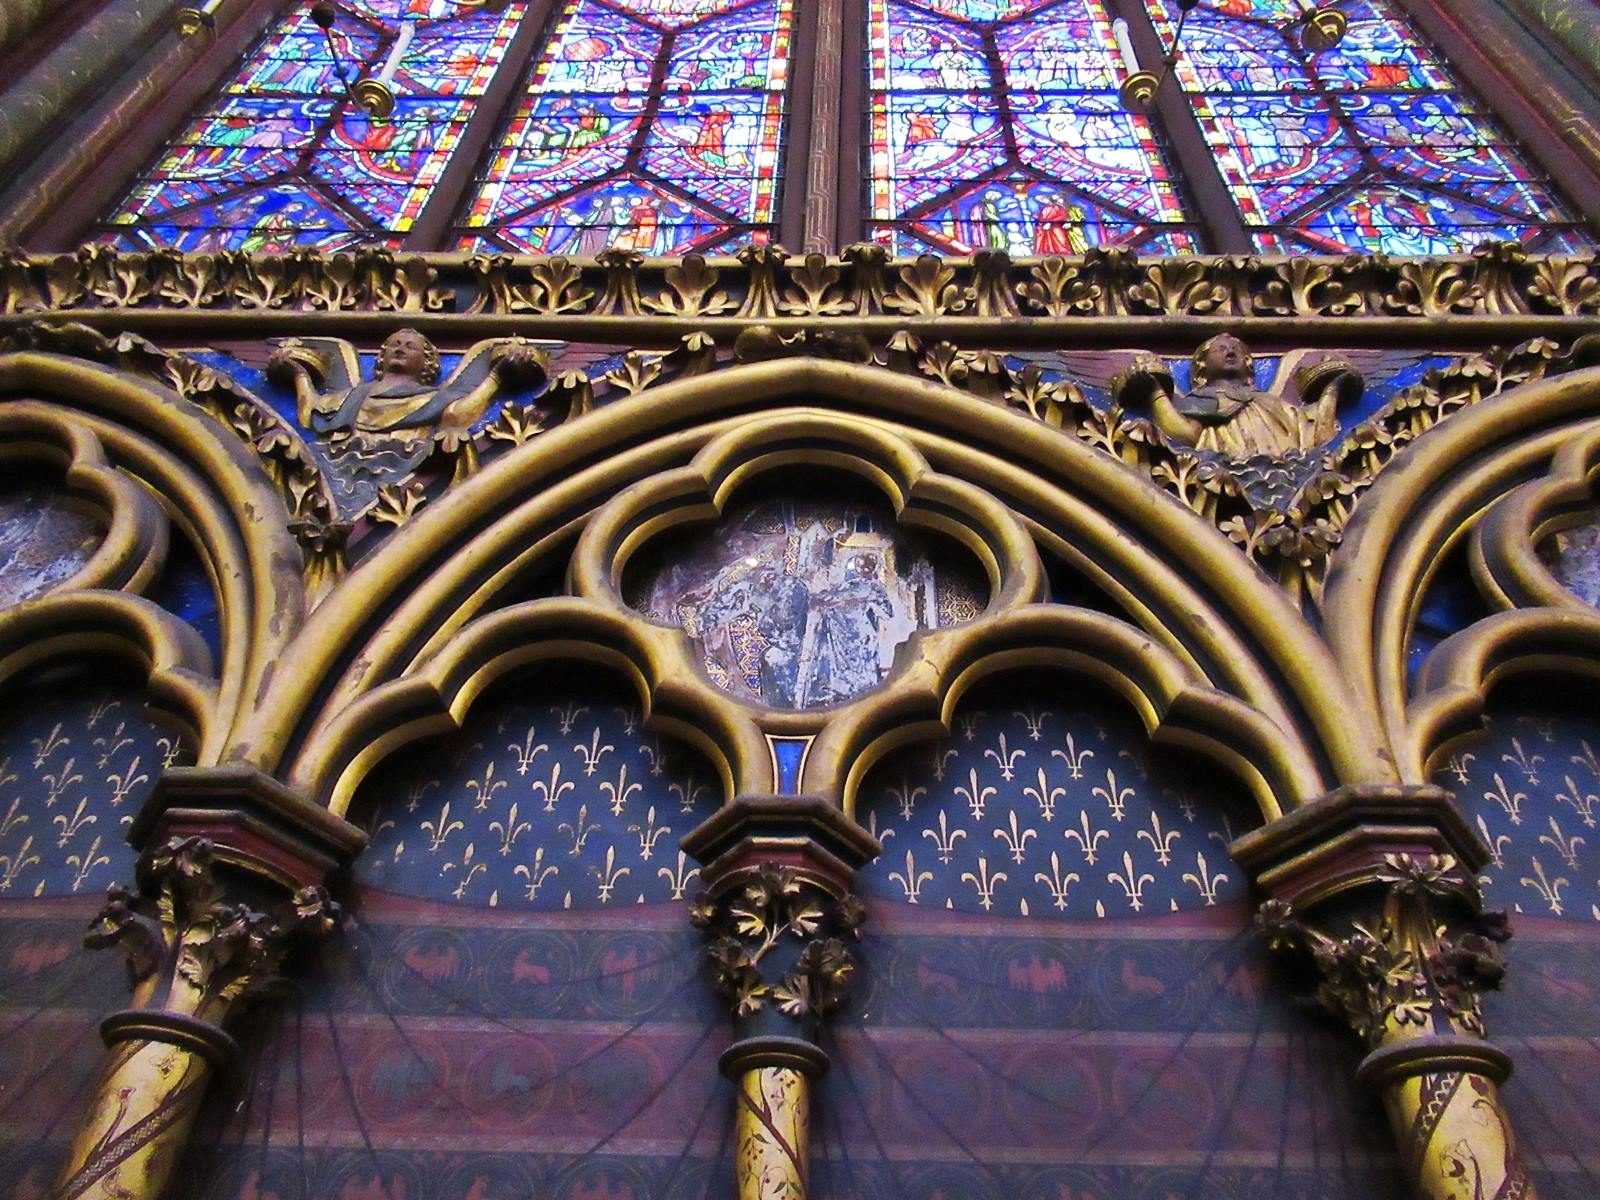 La sainte chapelle paris cite chateletsainte chapelle paris 6